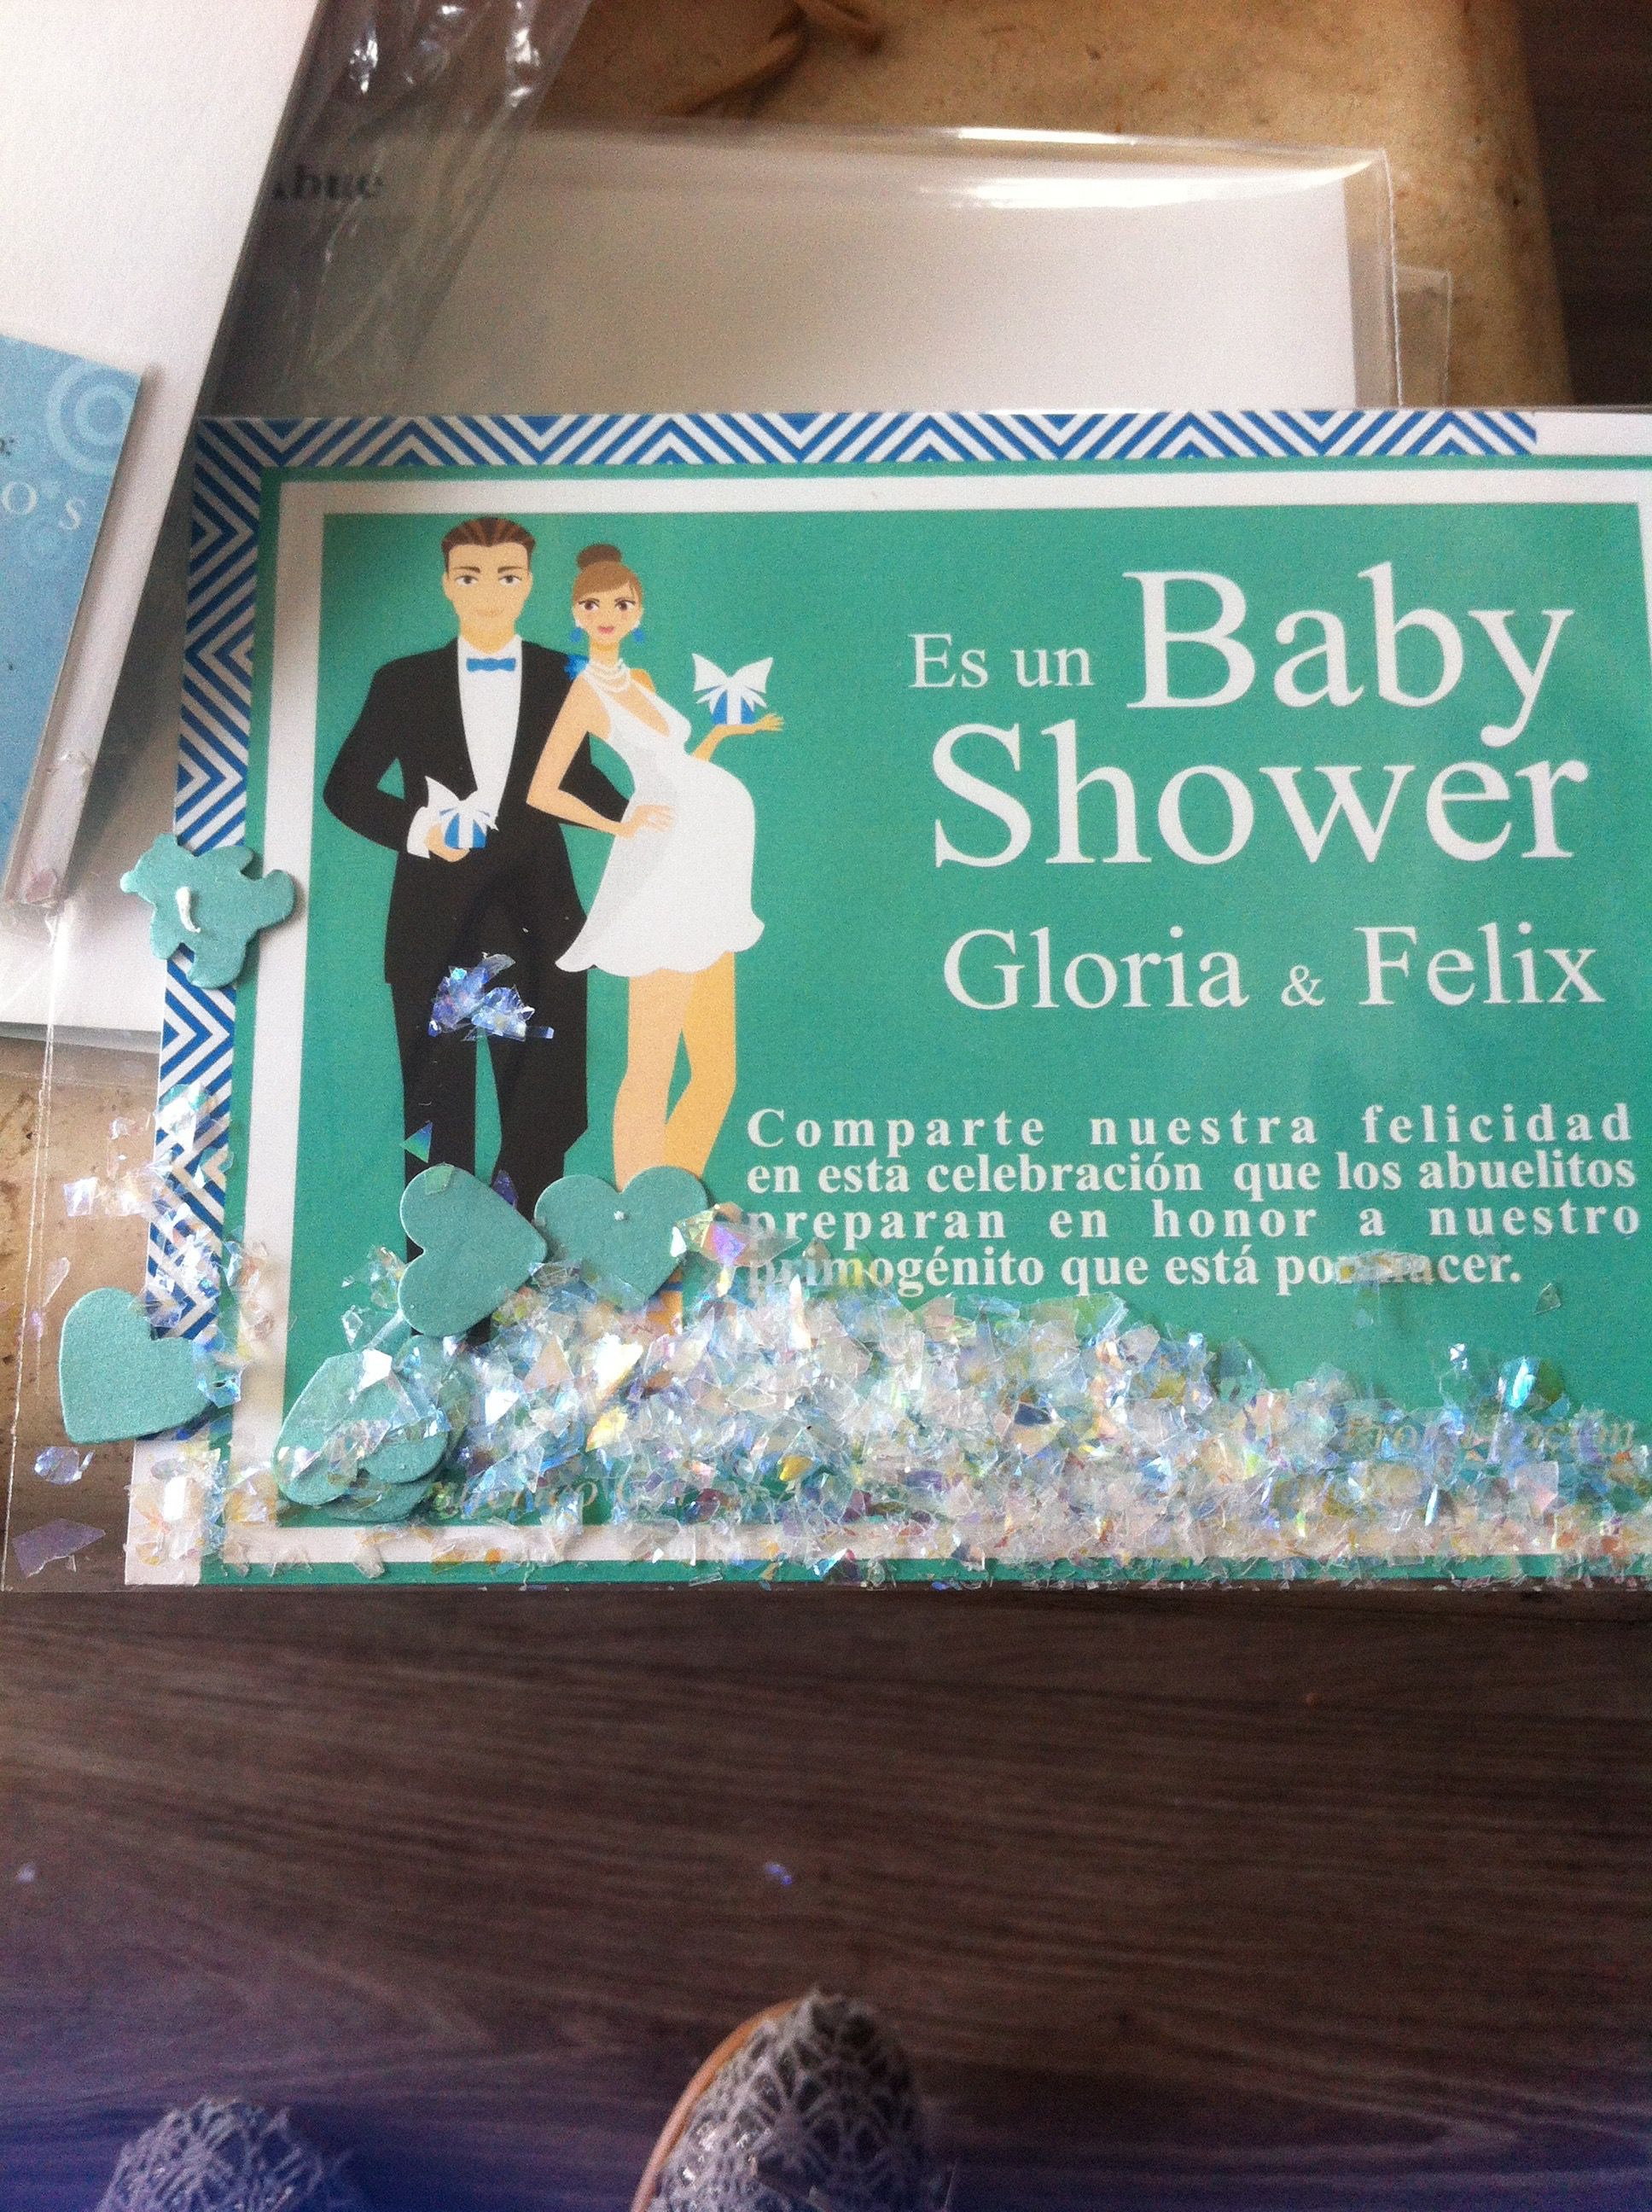 Invitación para Baby Shower con mucho Glam! y amor ;D